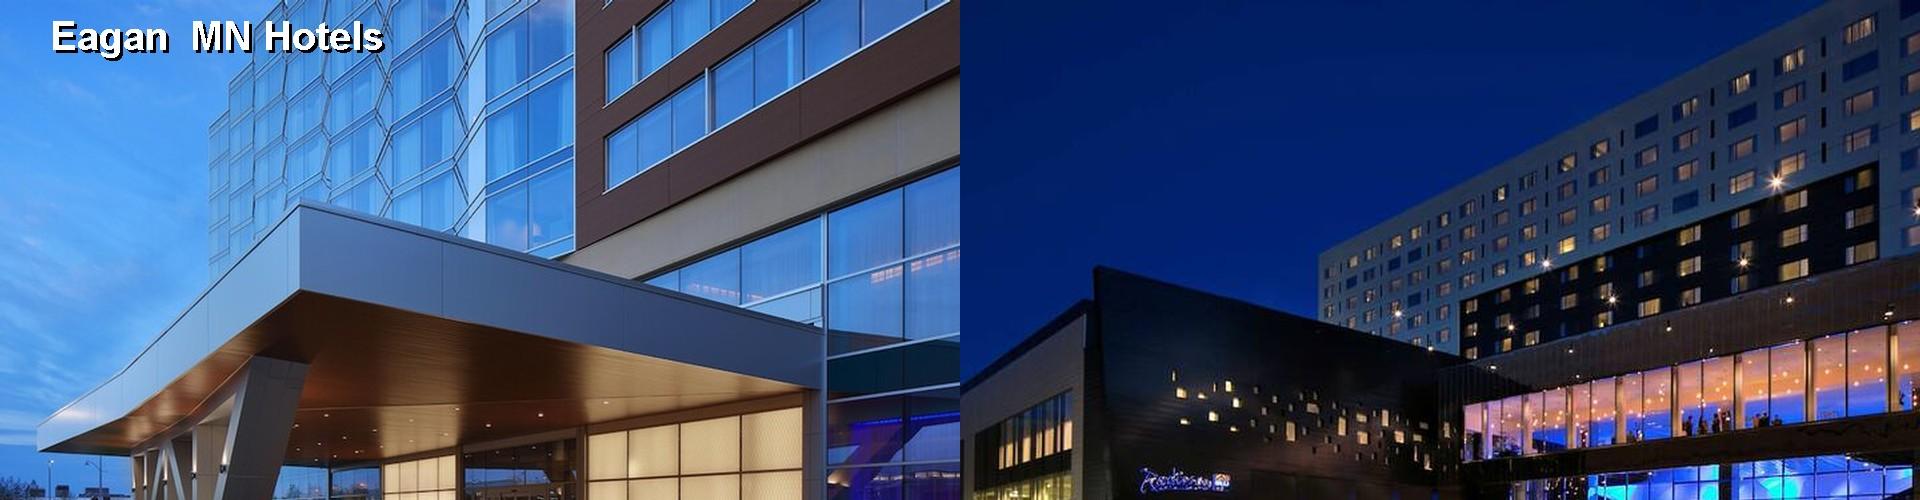 5 Best Hotels Near Eagan Mn